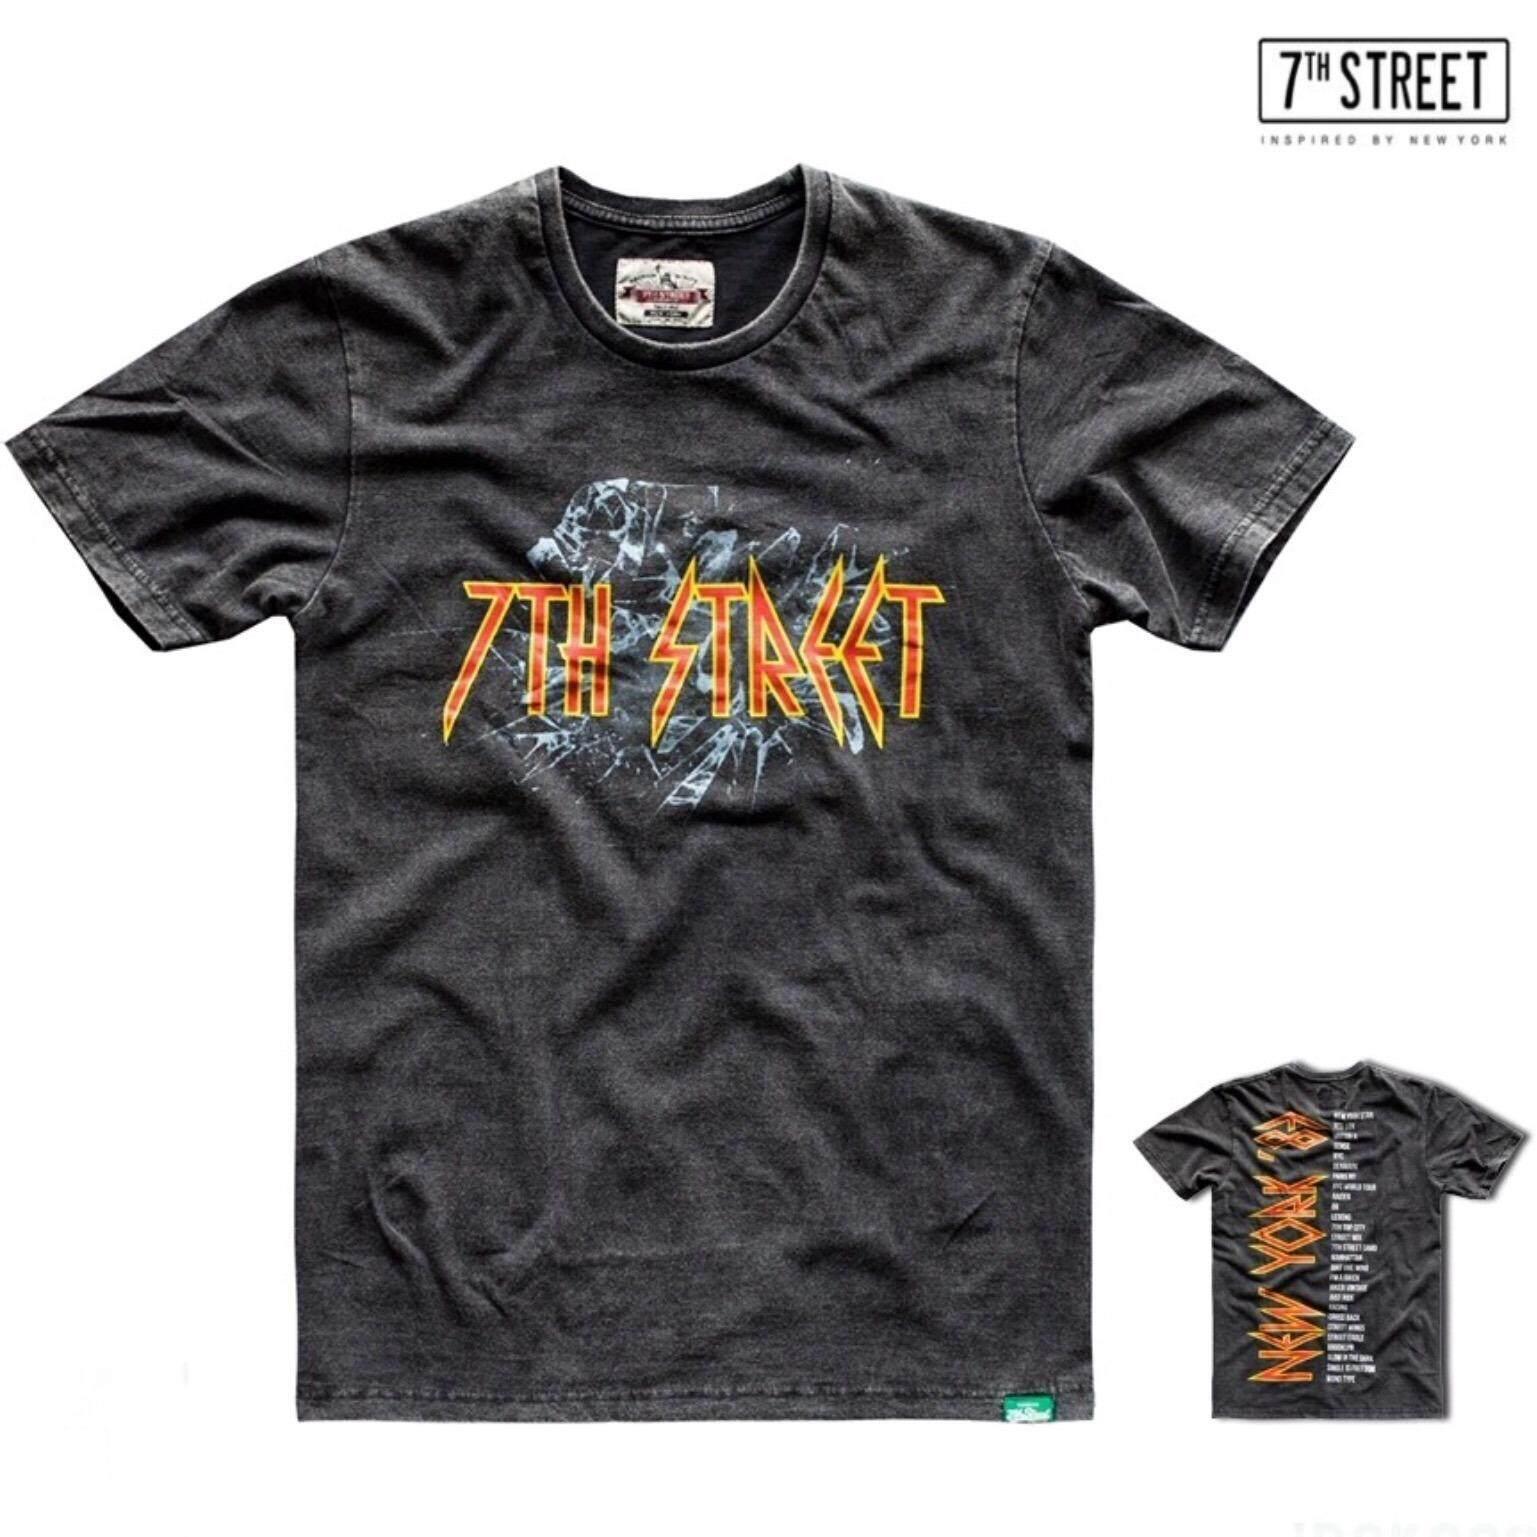 ขาย 7Th Street เสื้อยืด รุ่น Jrok002 เนื้อผ้า Softtech ถูก ไทย